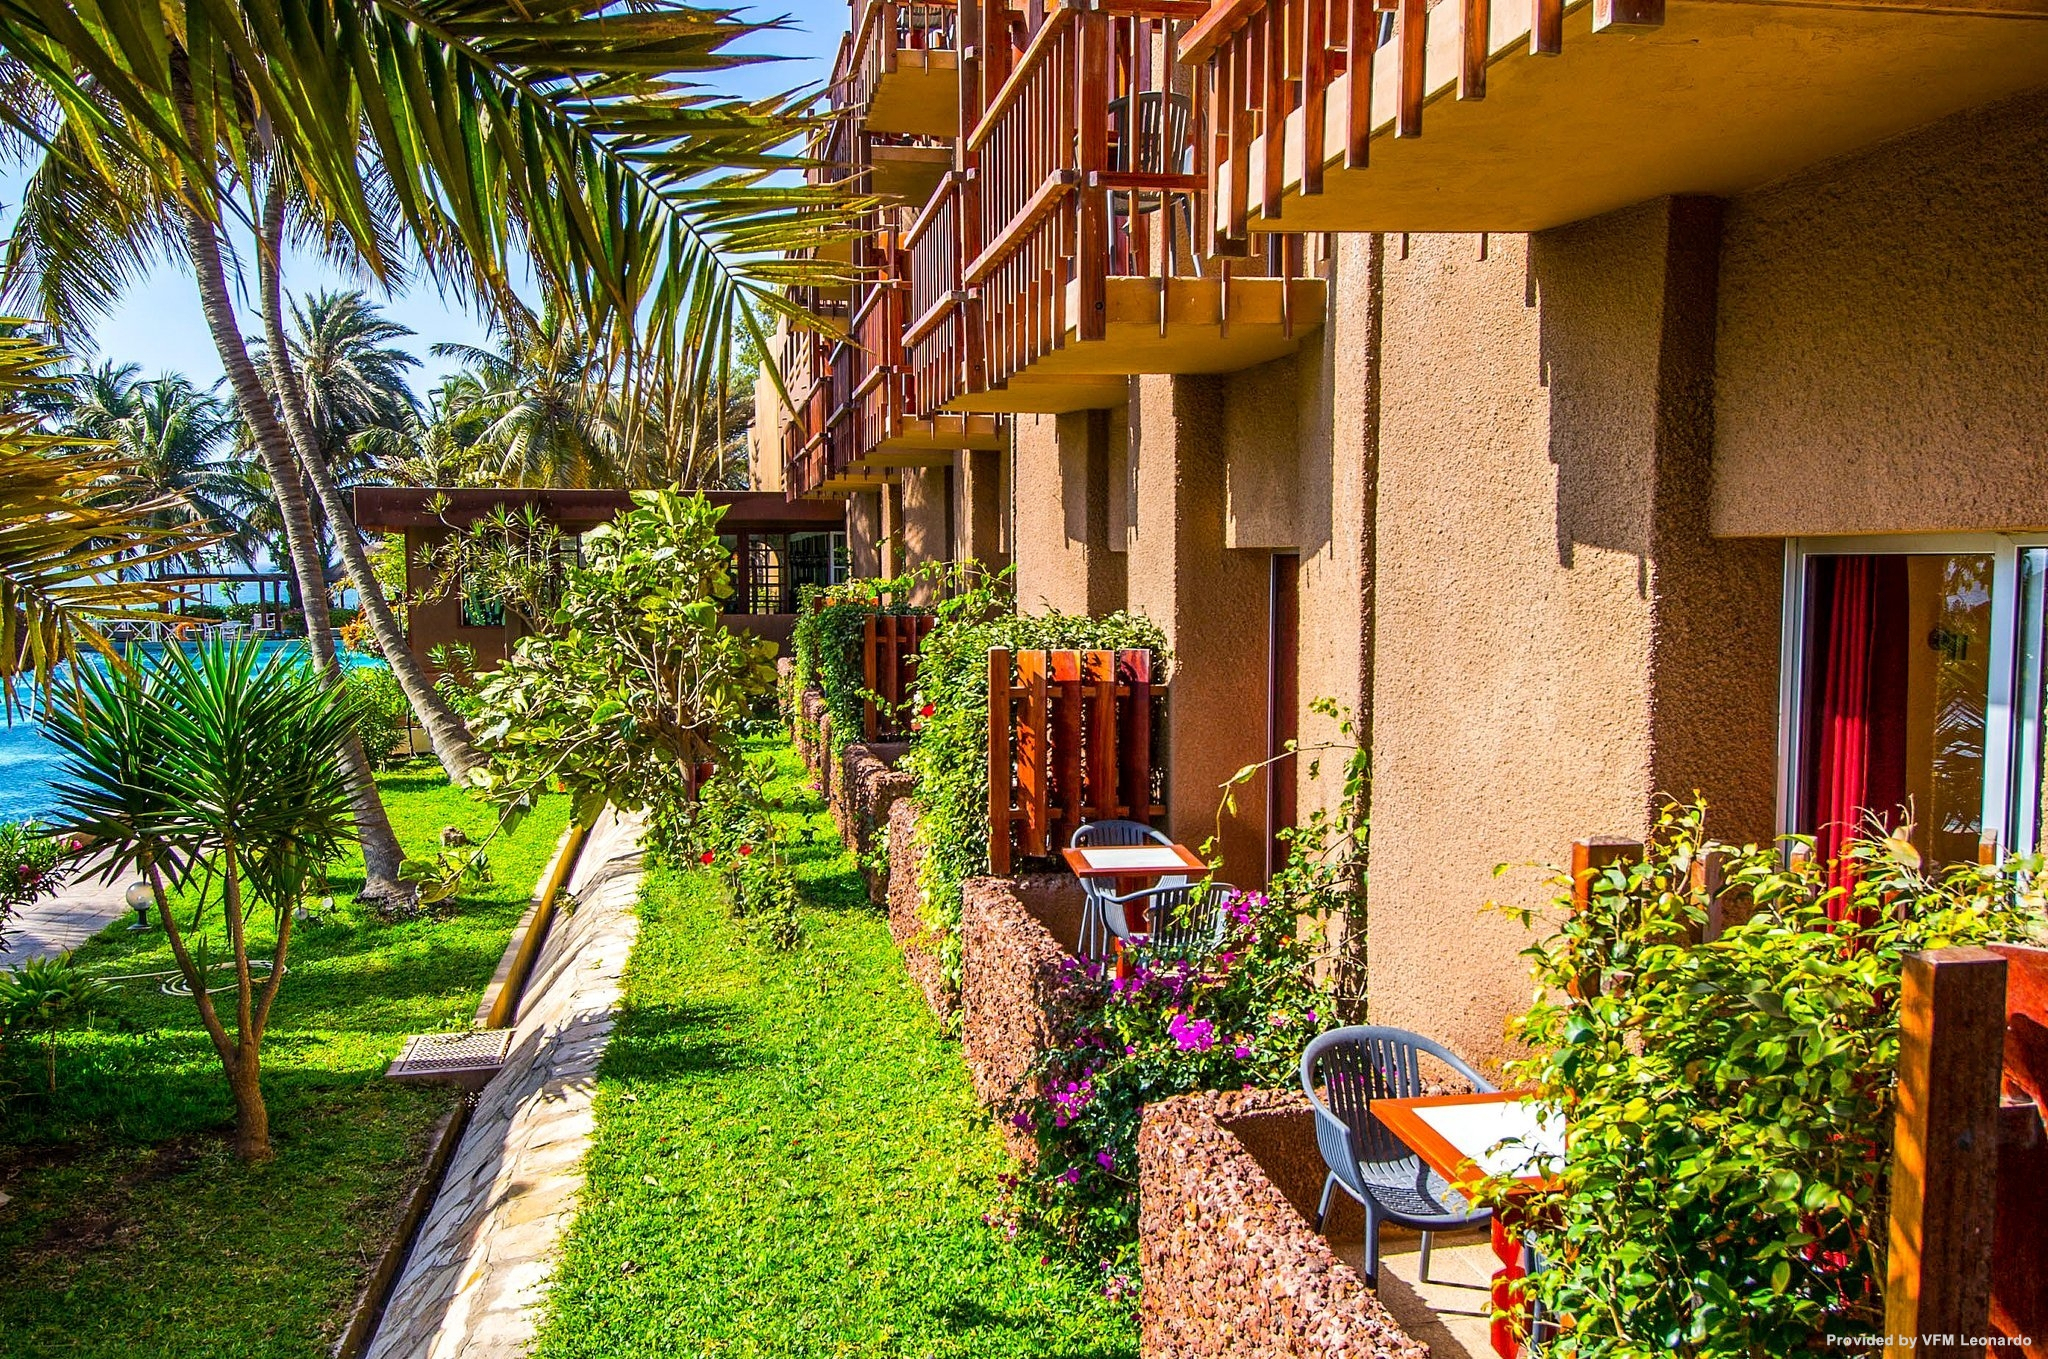 Hotel Jardin Savana Dakar - 4 Hrs Star Hotel In Dakar concernant Hotel Jardin Savana Dakar